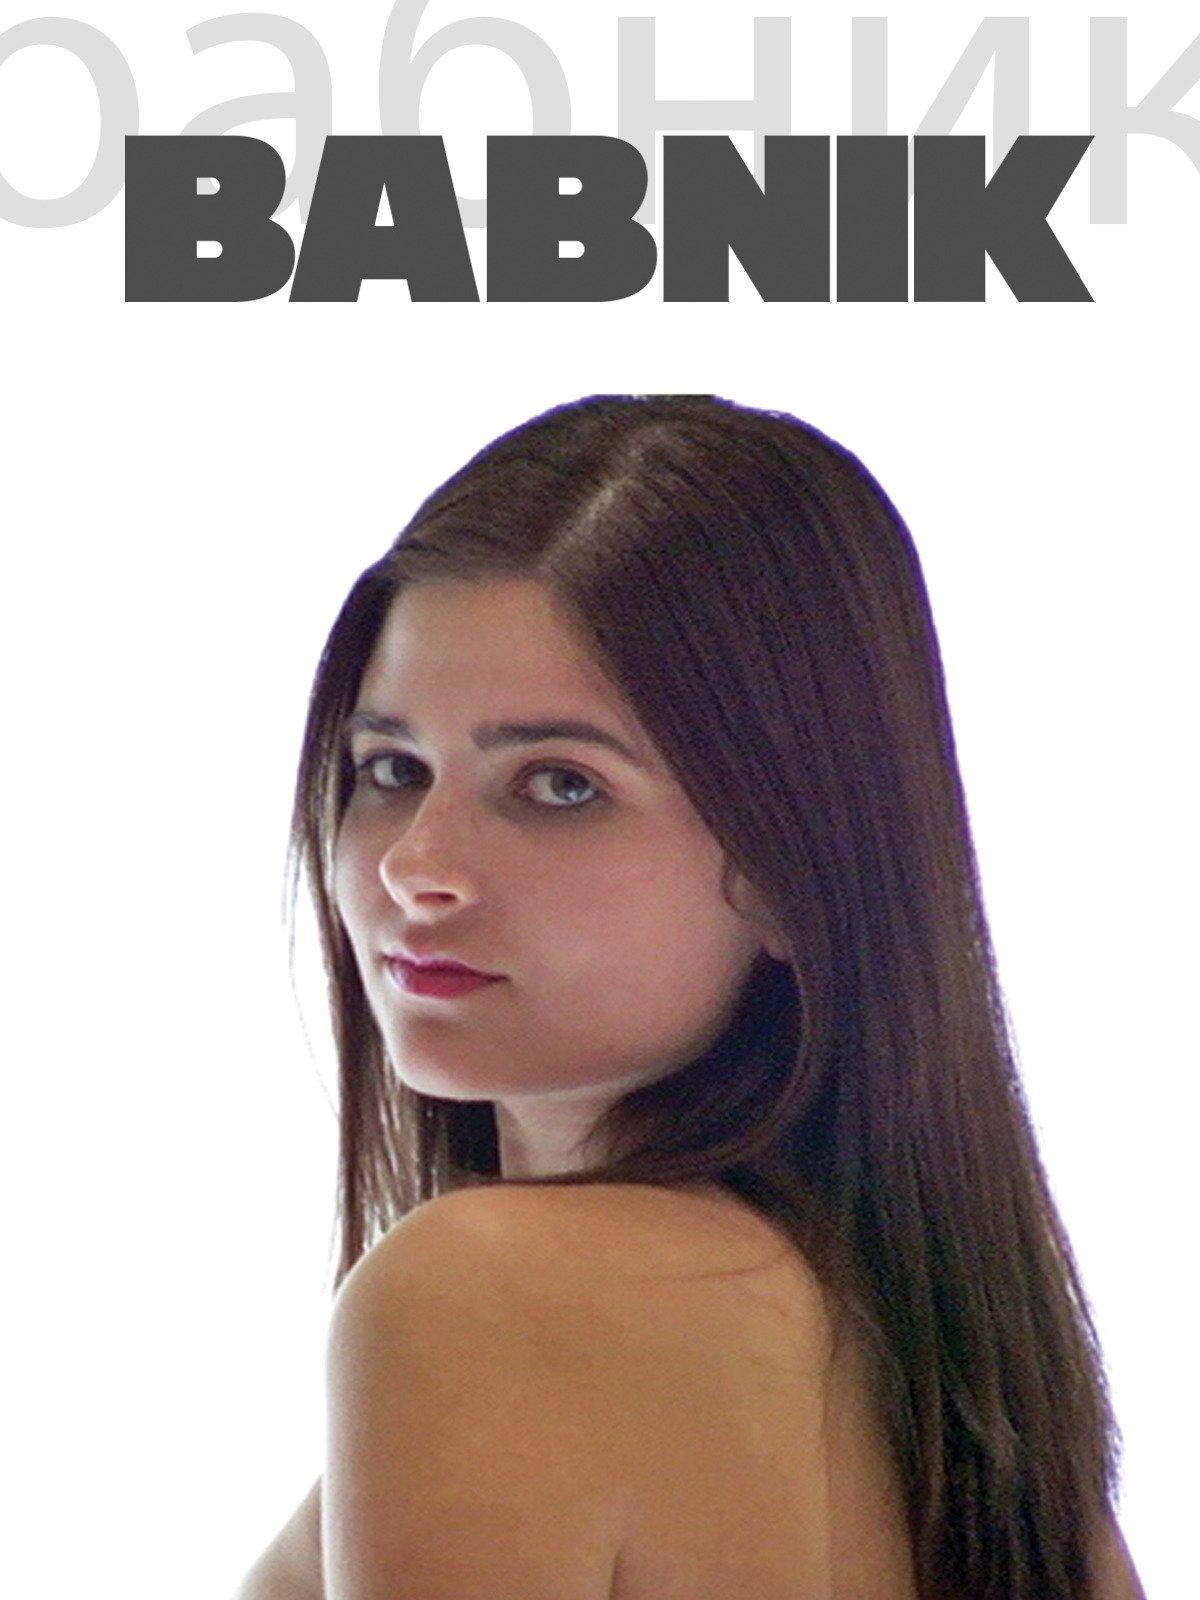 Babnik